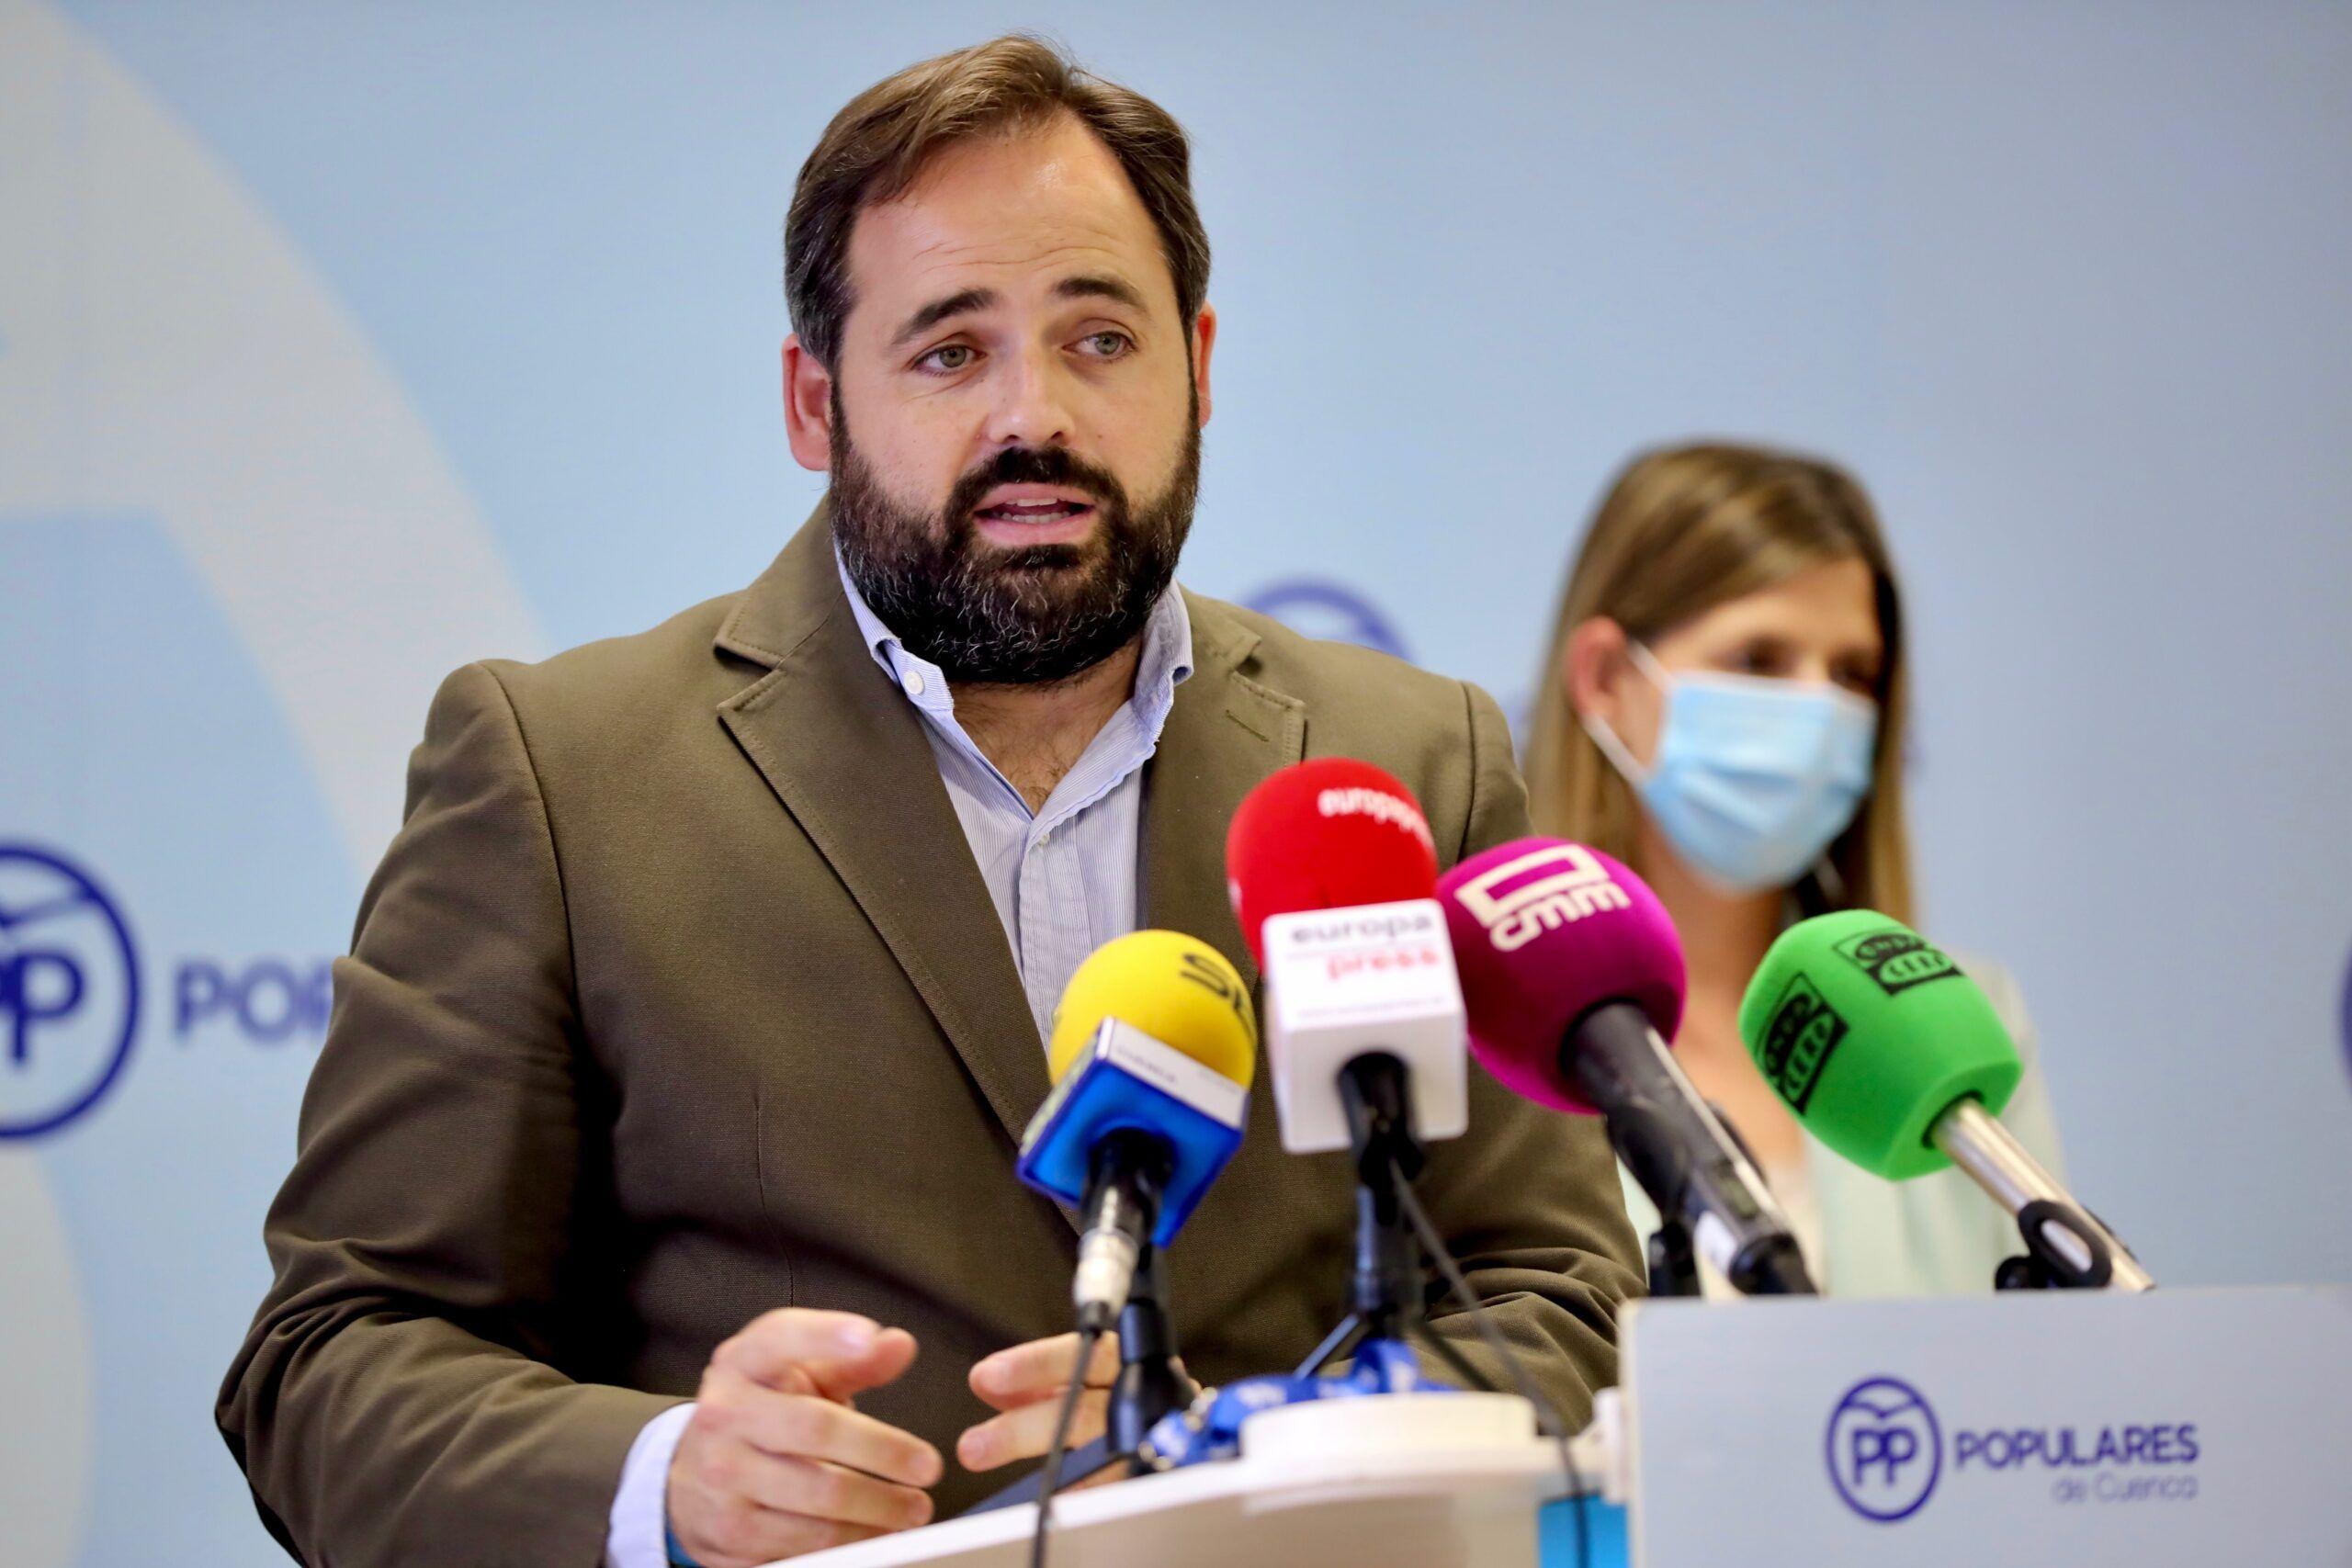 Núñez reclama a Page que ordene a los diputados nacionales el PSOE-CLM que voten a favor de la propuesta de Casado para bajar el precio de la luz